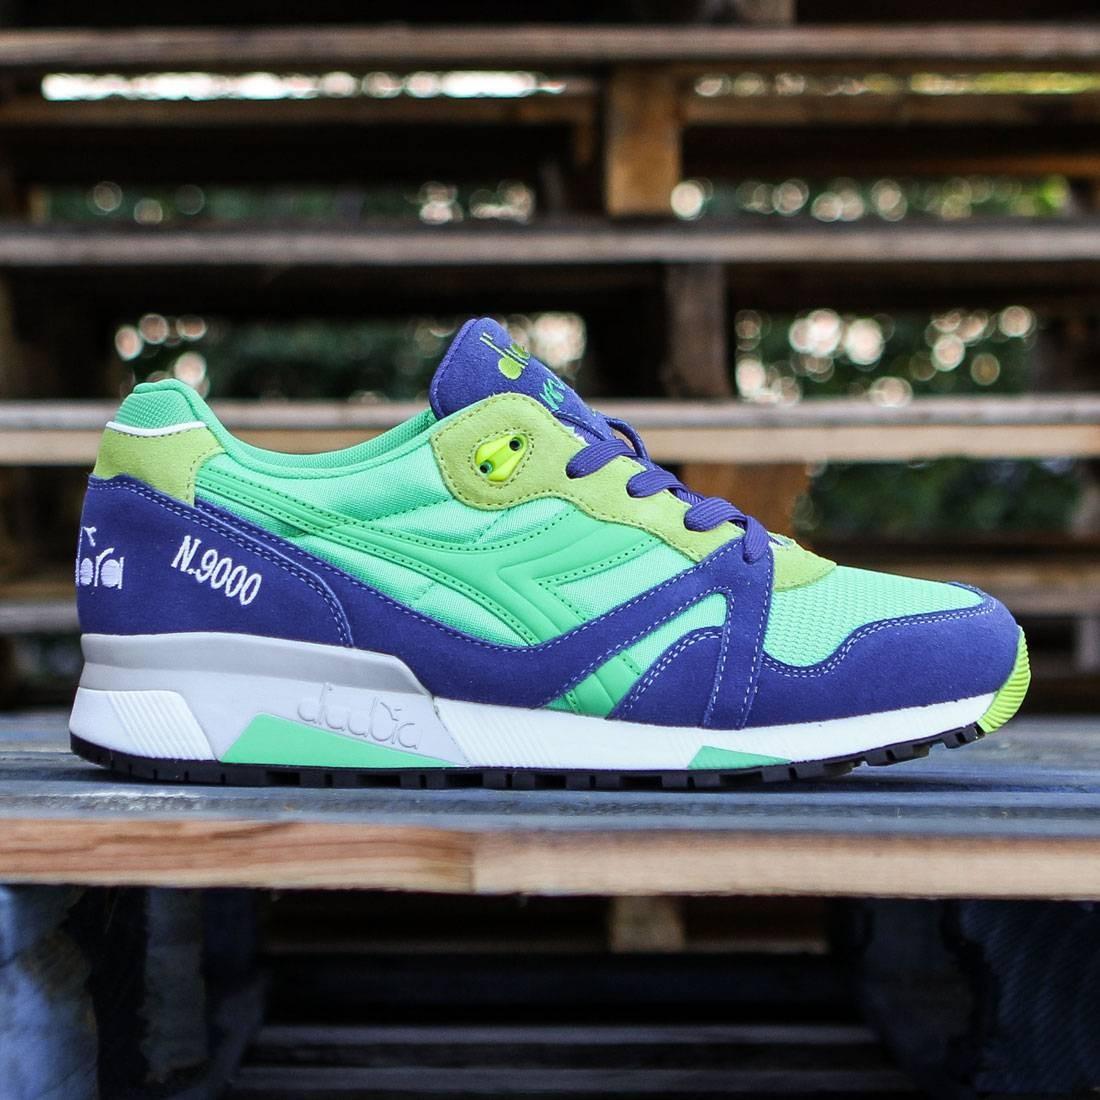 【海外限定】メンズ靴 スニーカー 【 DIADORA MEN N9000 NYL GREEN BLUE 】